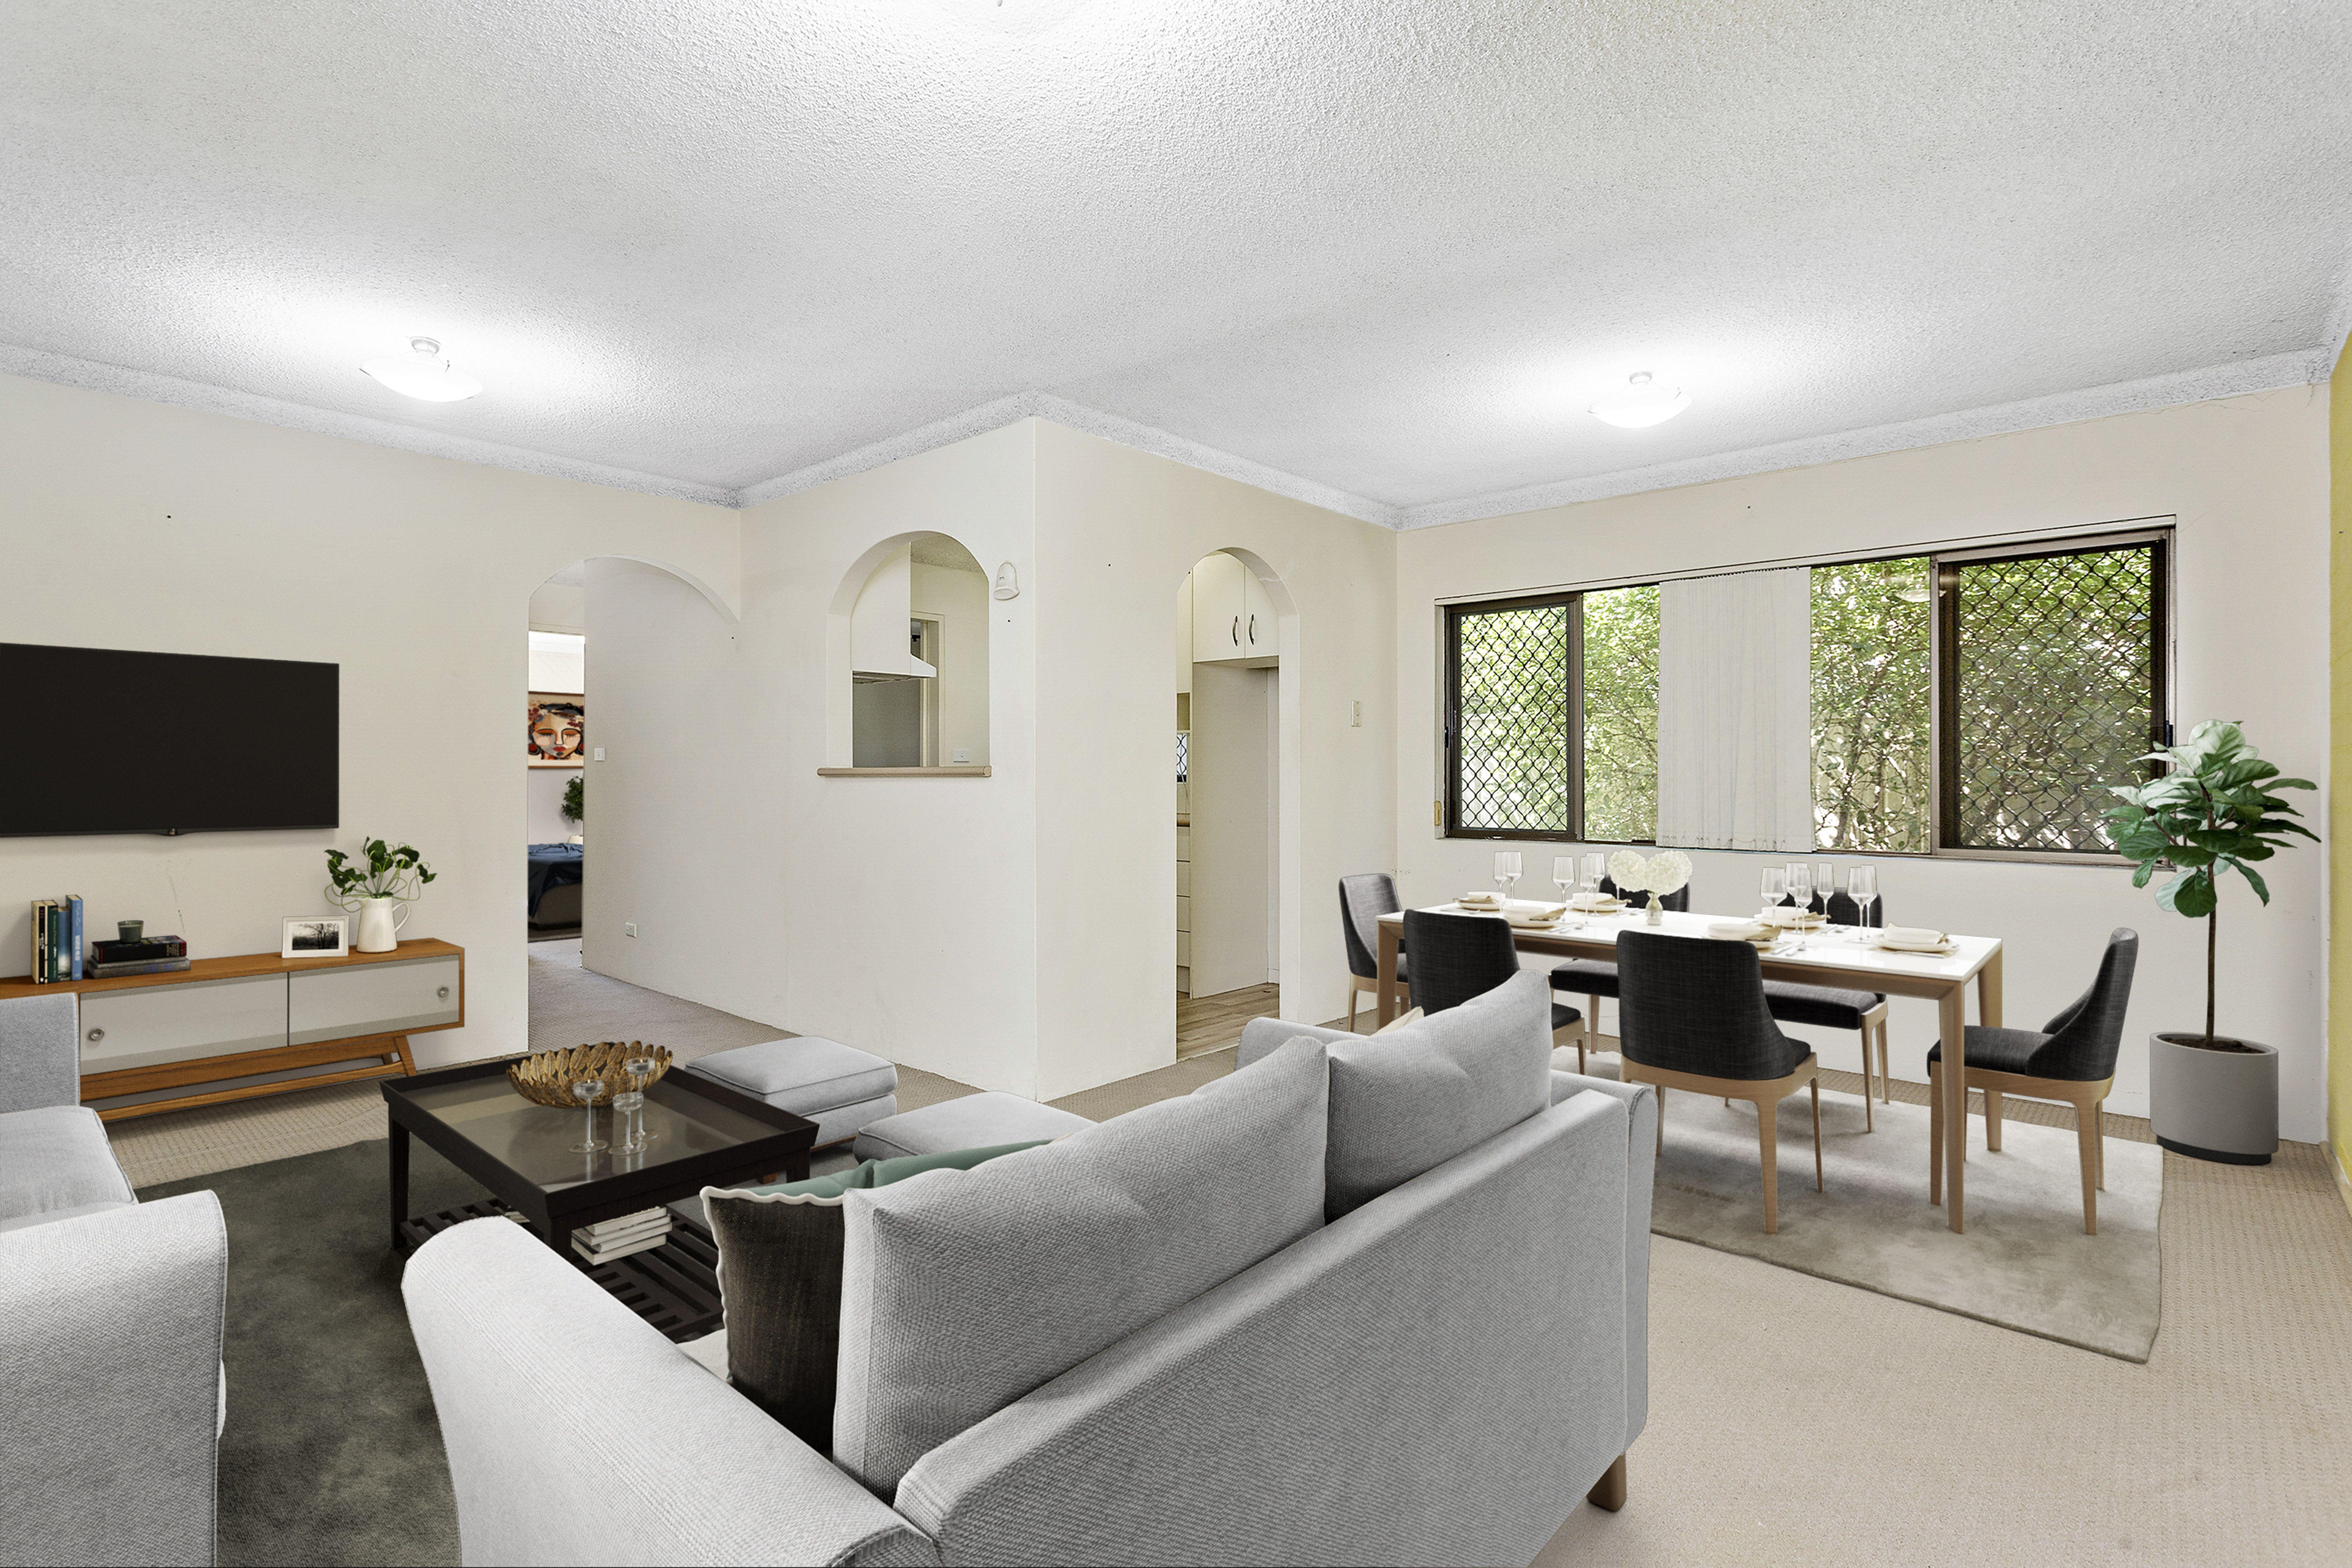 2/37 Underwood Street, Corrimal NSW 2518